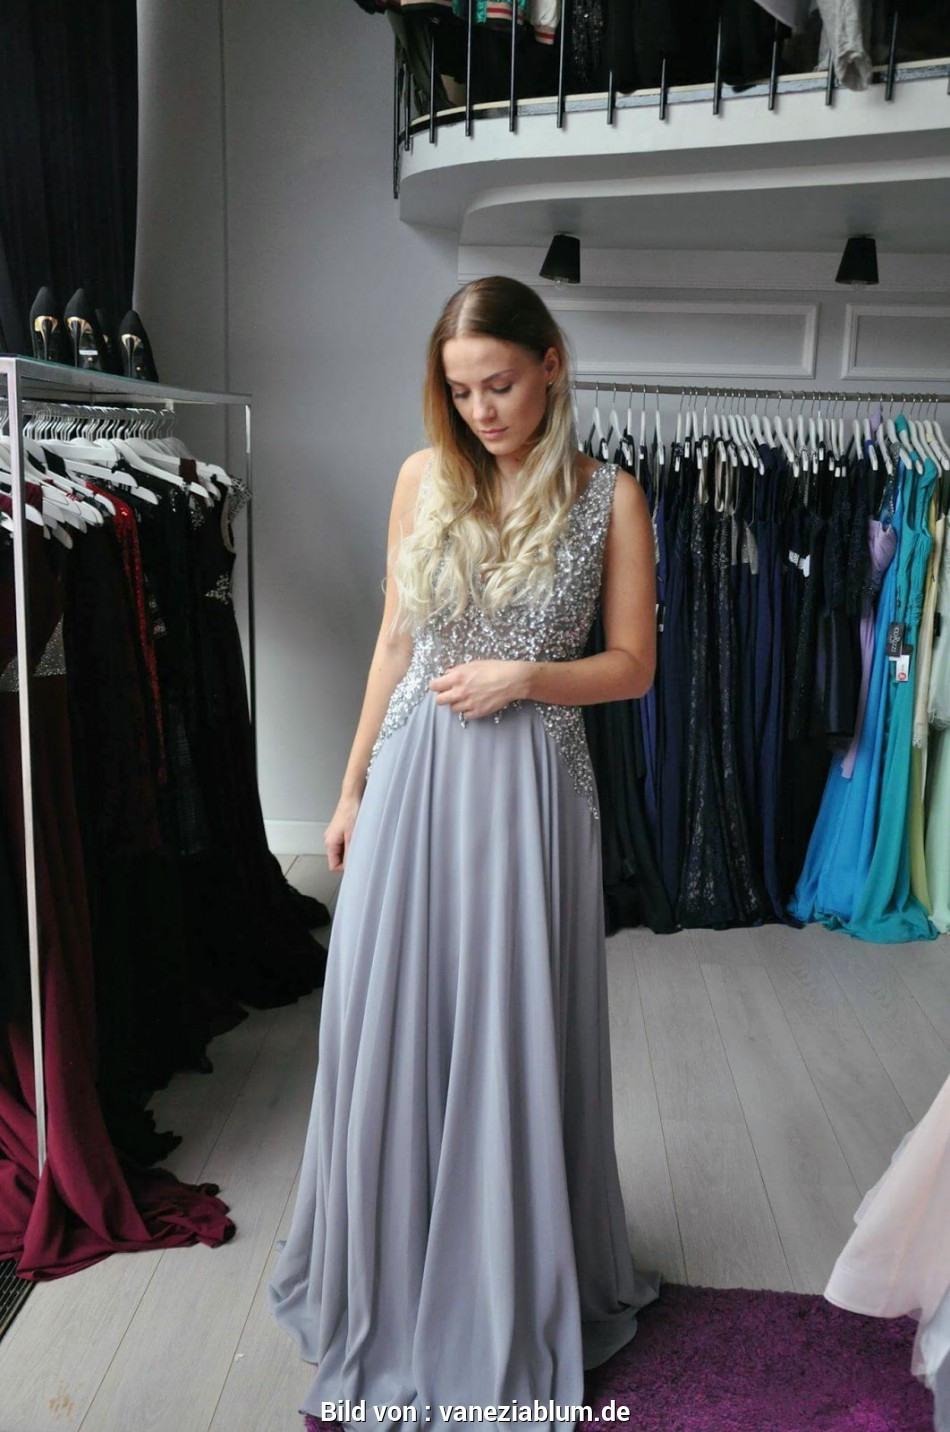 Abend Coolste Abendkleid Aachen Vertrieb10 Ausgezeichnet Abendkleid Aachen Vertrieb